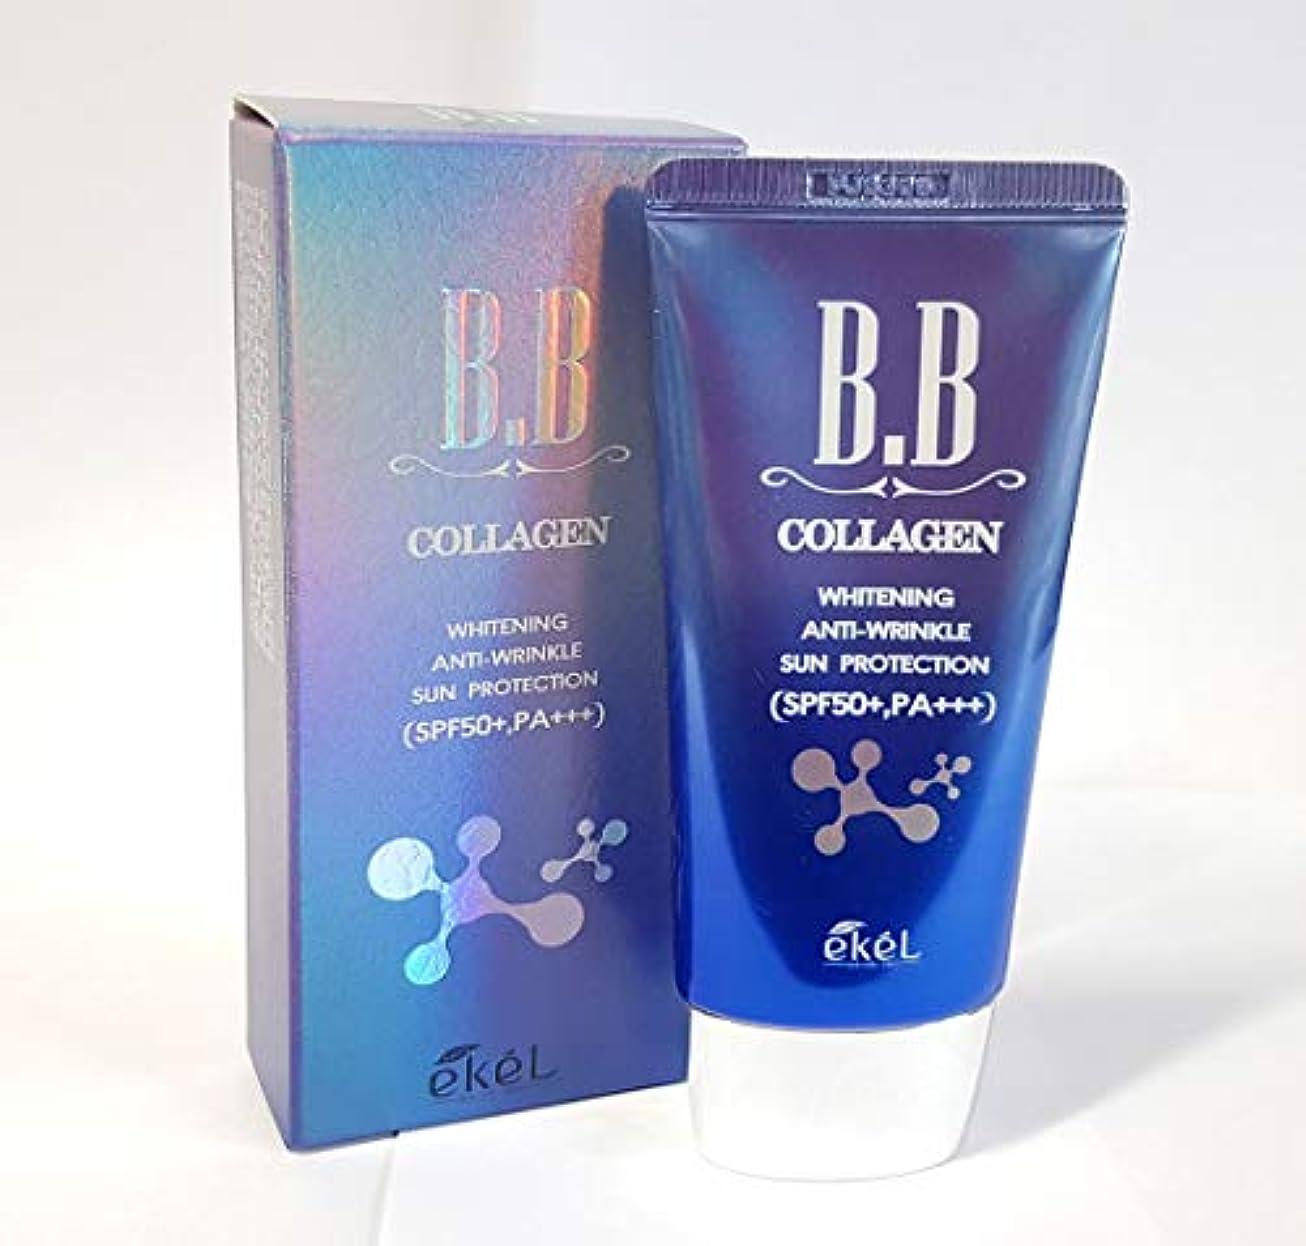 項目寝る加速度[EKEL] コラーゲンBBクリーム50ml / Collagen BB Cream 50ml / SPF50+,PA+++ / ホワイトニング、アンチリンクル、サンプロテクション/Whitening, Anti-Wrinkle...